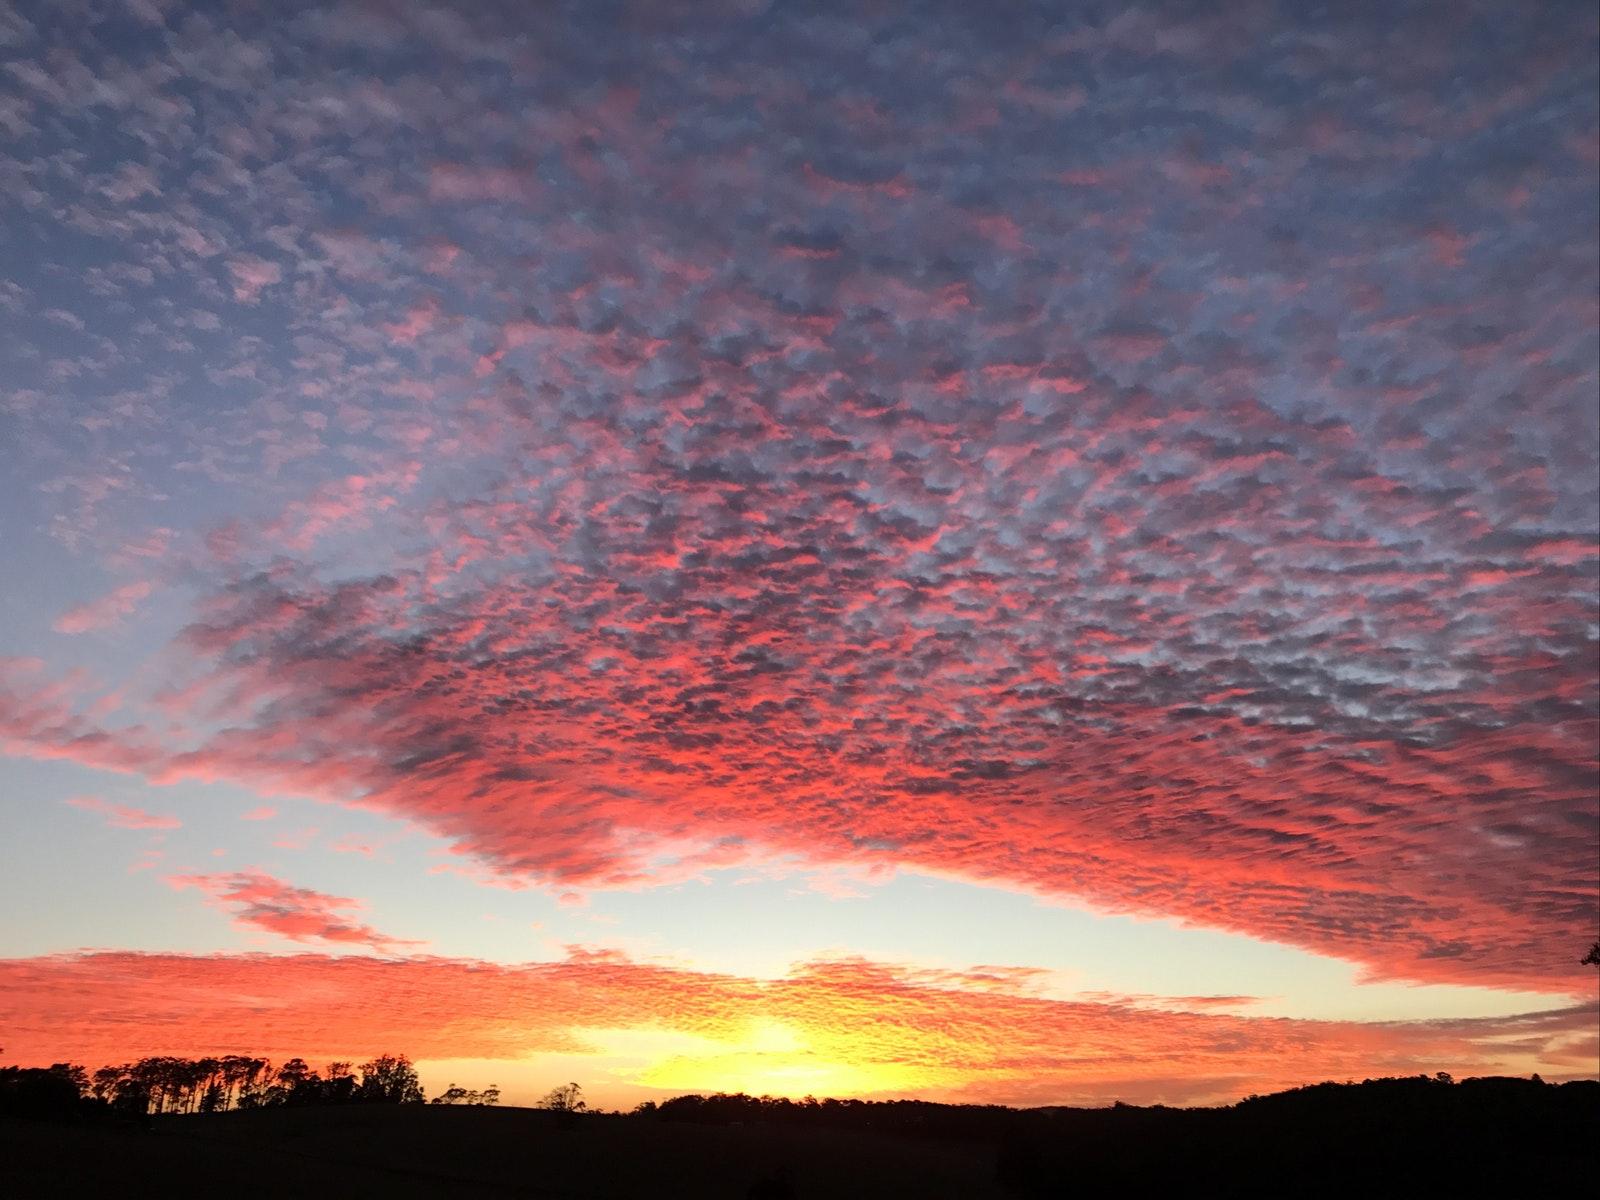 Sunset over Chestnut Hill Vineyard